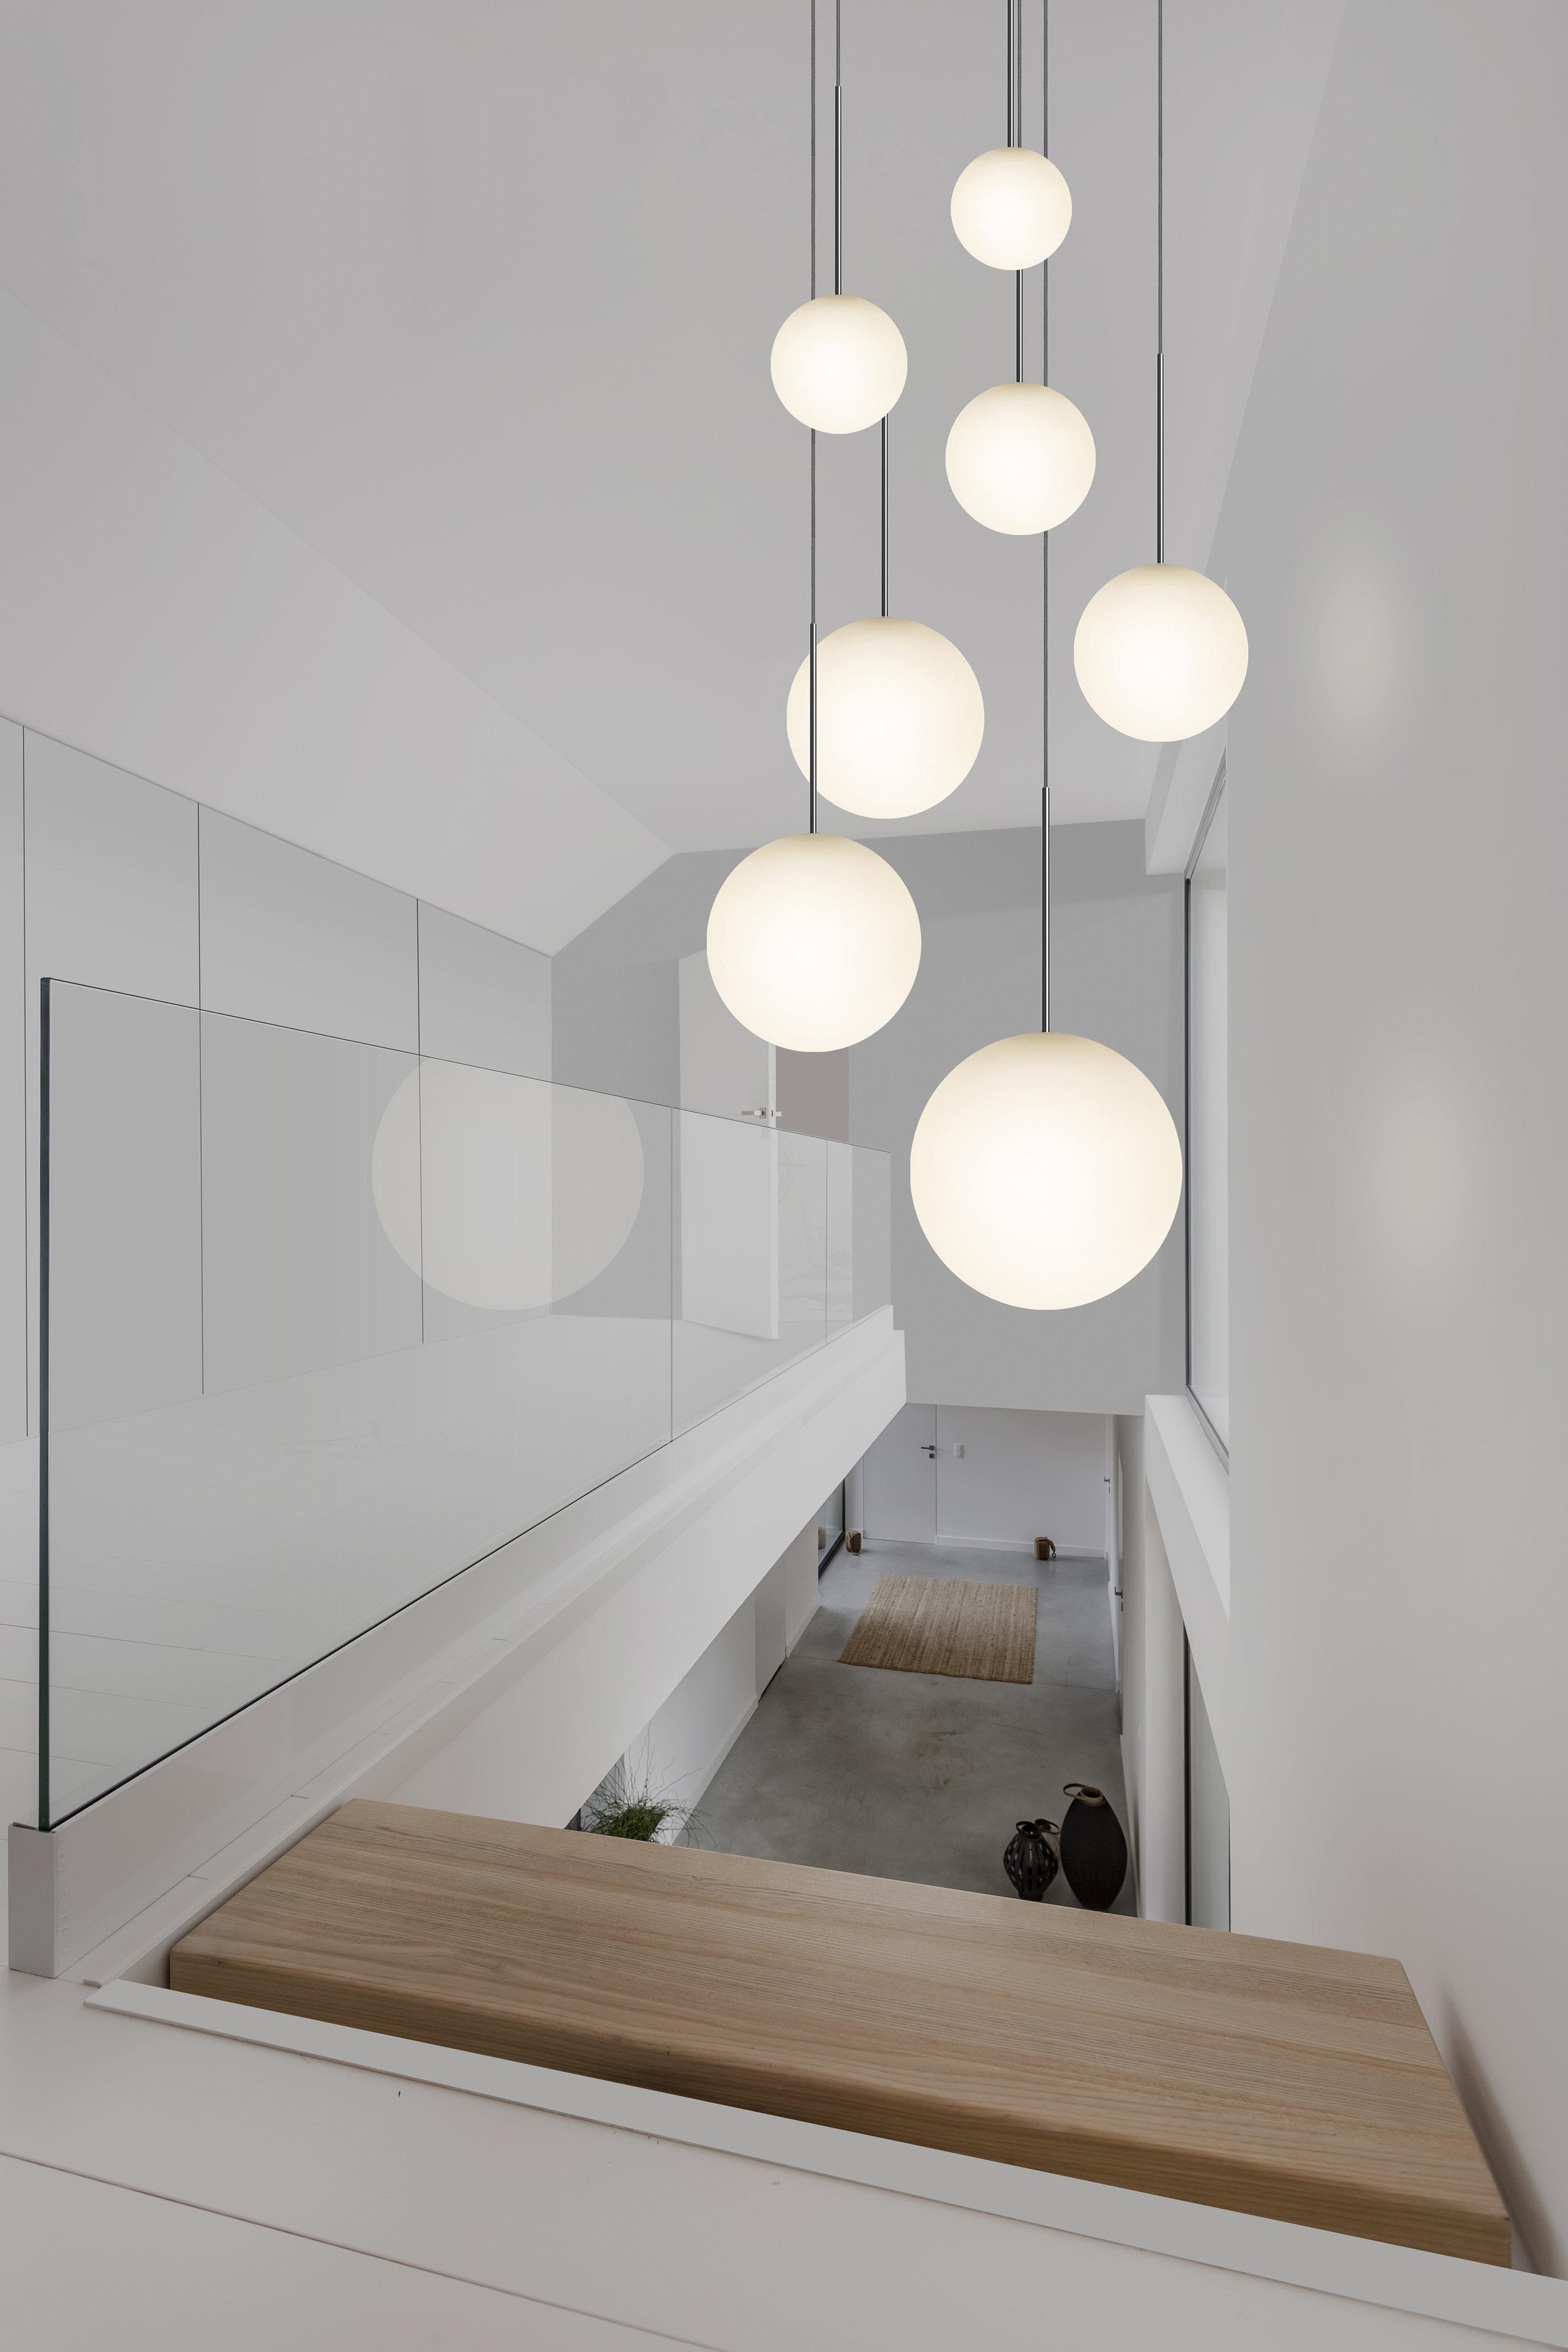 bola-pendant-chandelier-environmental-stairway-3k_download.JPG